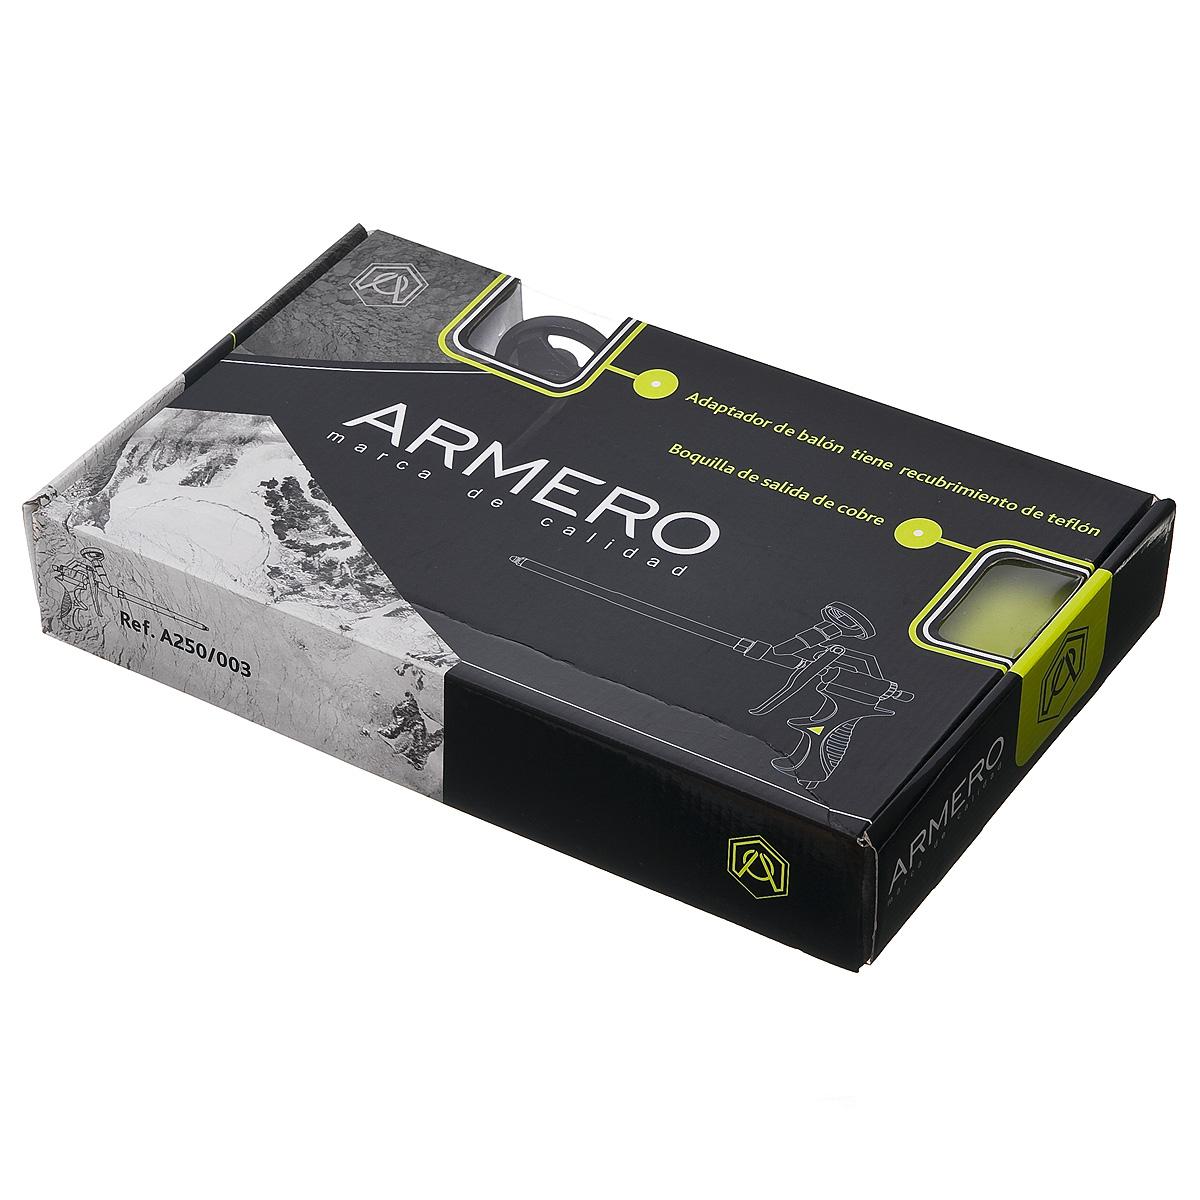 Пистолет для монтажной пены Armero  Профи